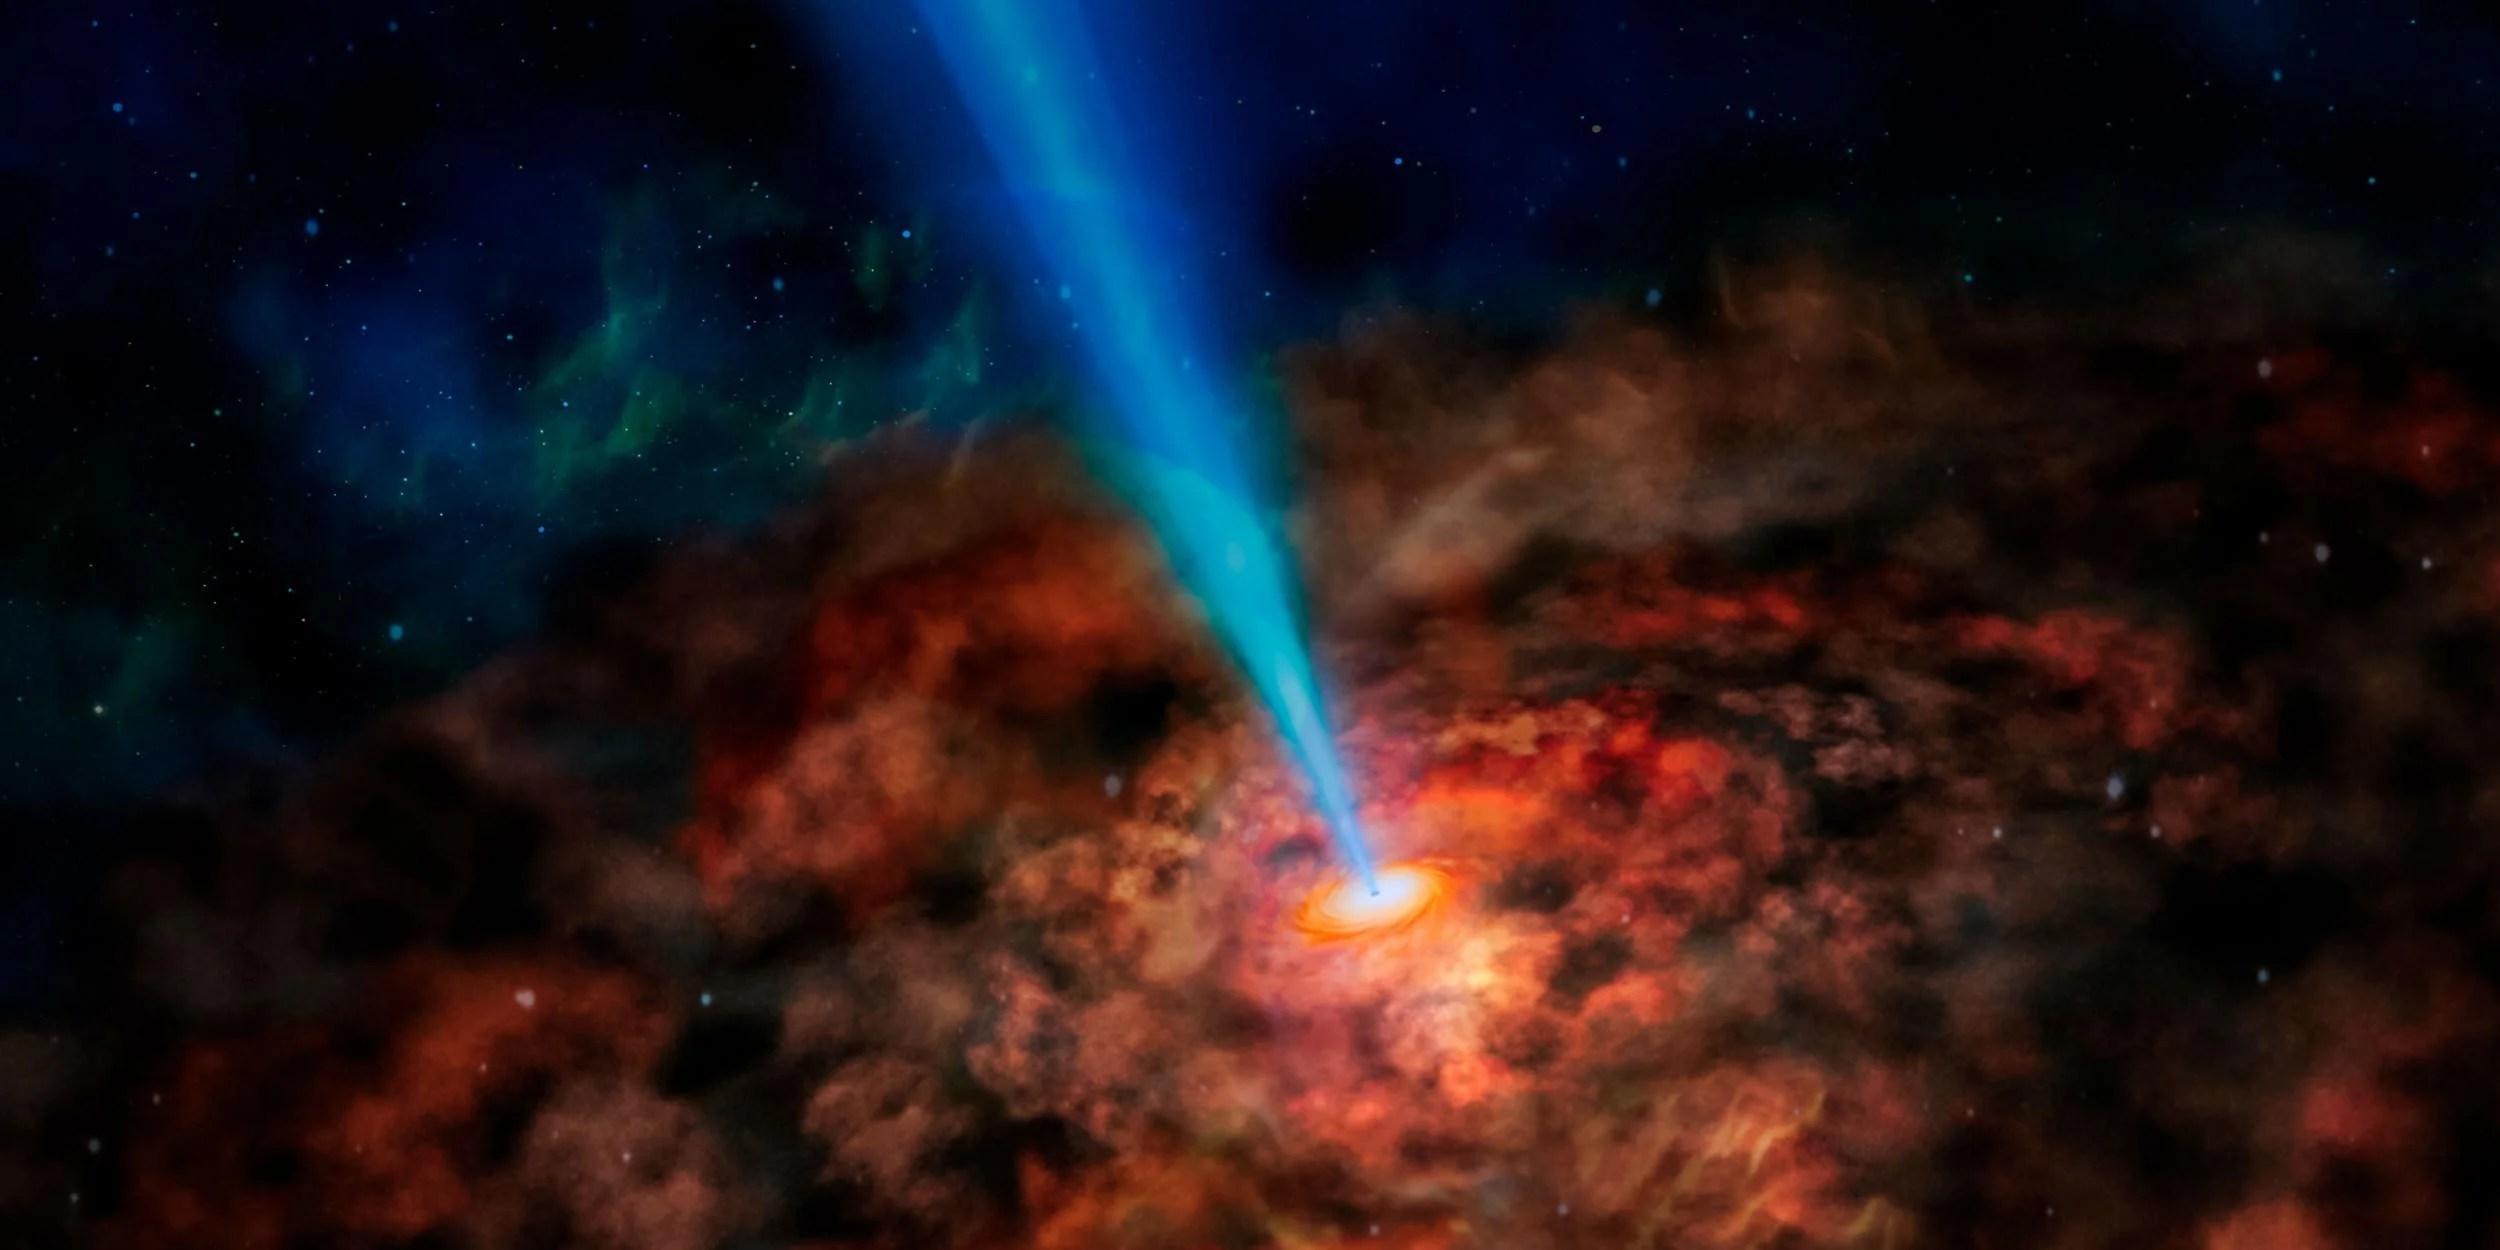 hubble telescope spots a